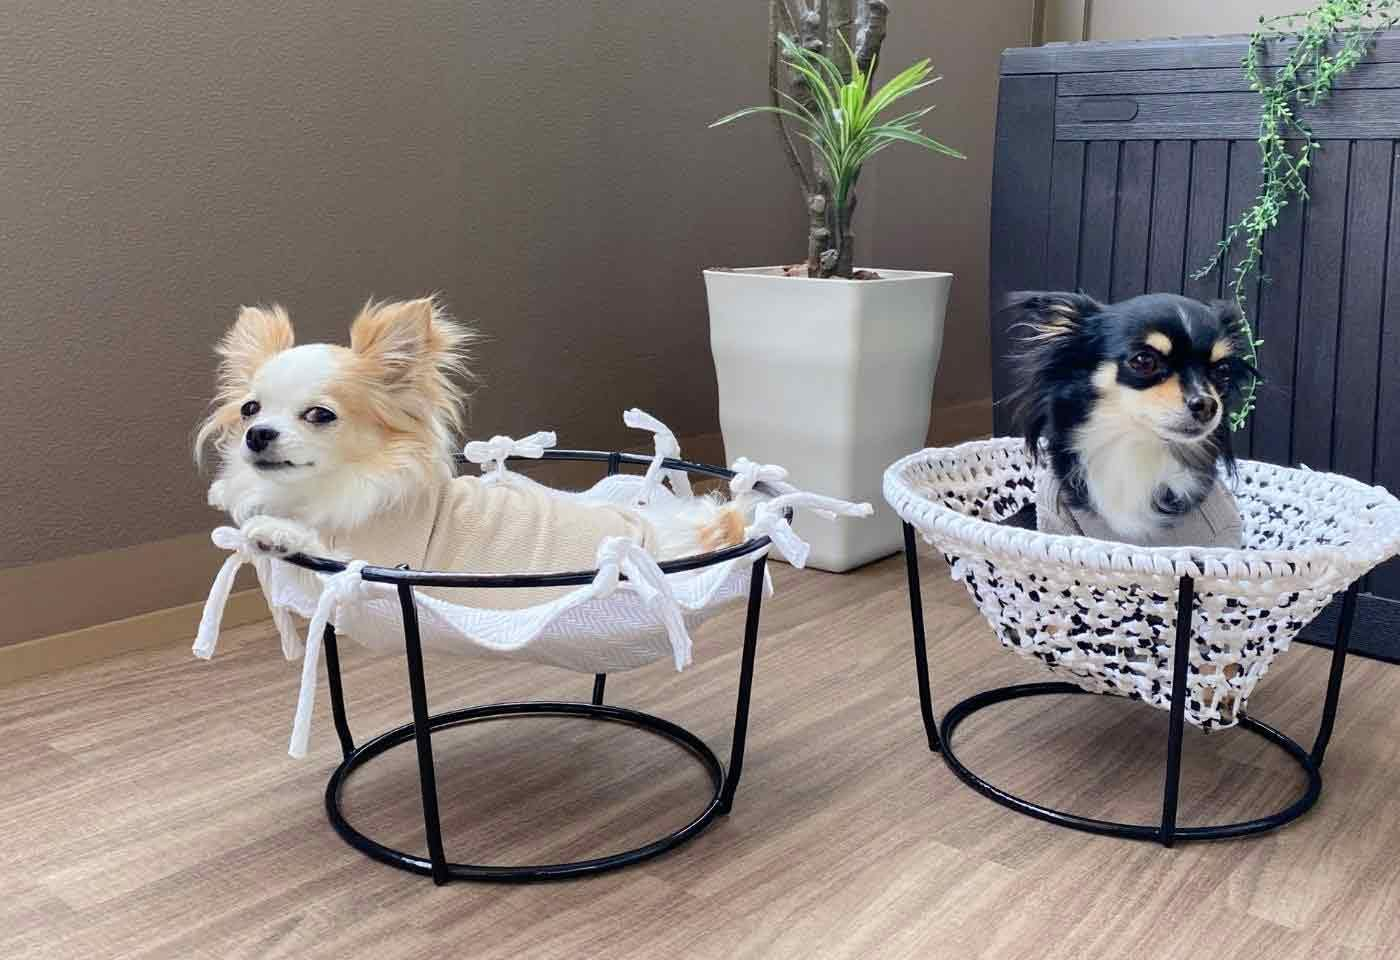 【サスティナブルDIY】 古着Tシャツとプランタースタンドで初心者も簡単!犬用ハンモックの作り方